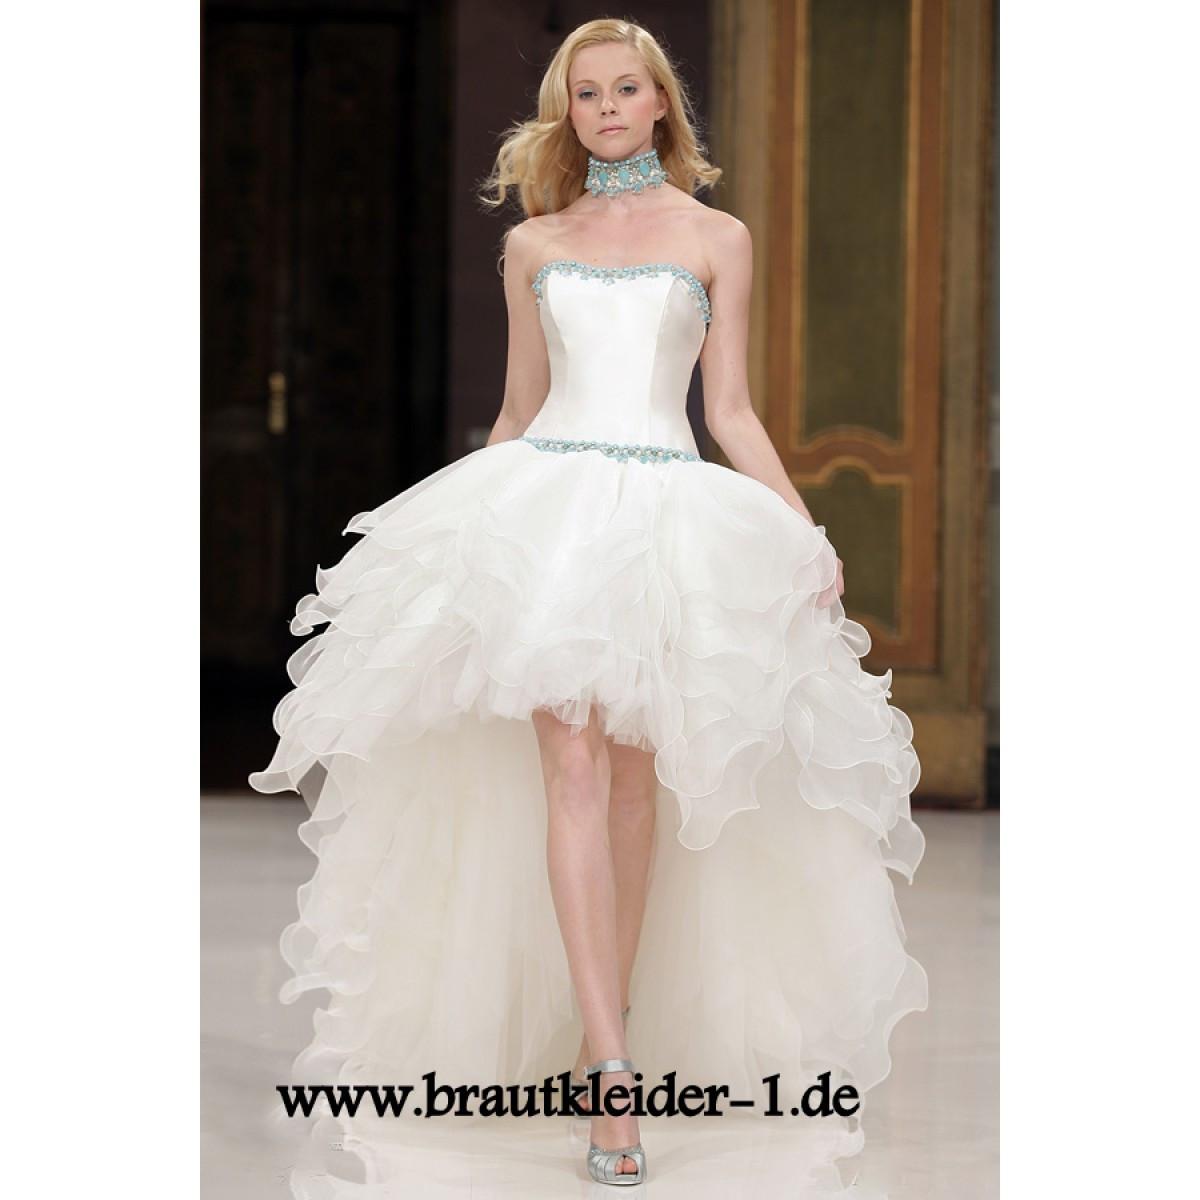 Vokuhila Hochzeitskleid  Vokuhila Brautkleider auf Rechnung Vokuhila Brautkleider